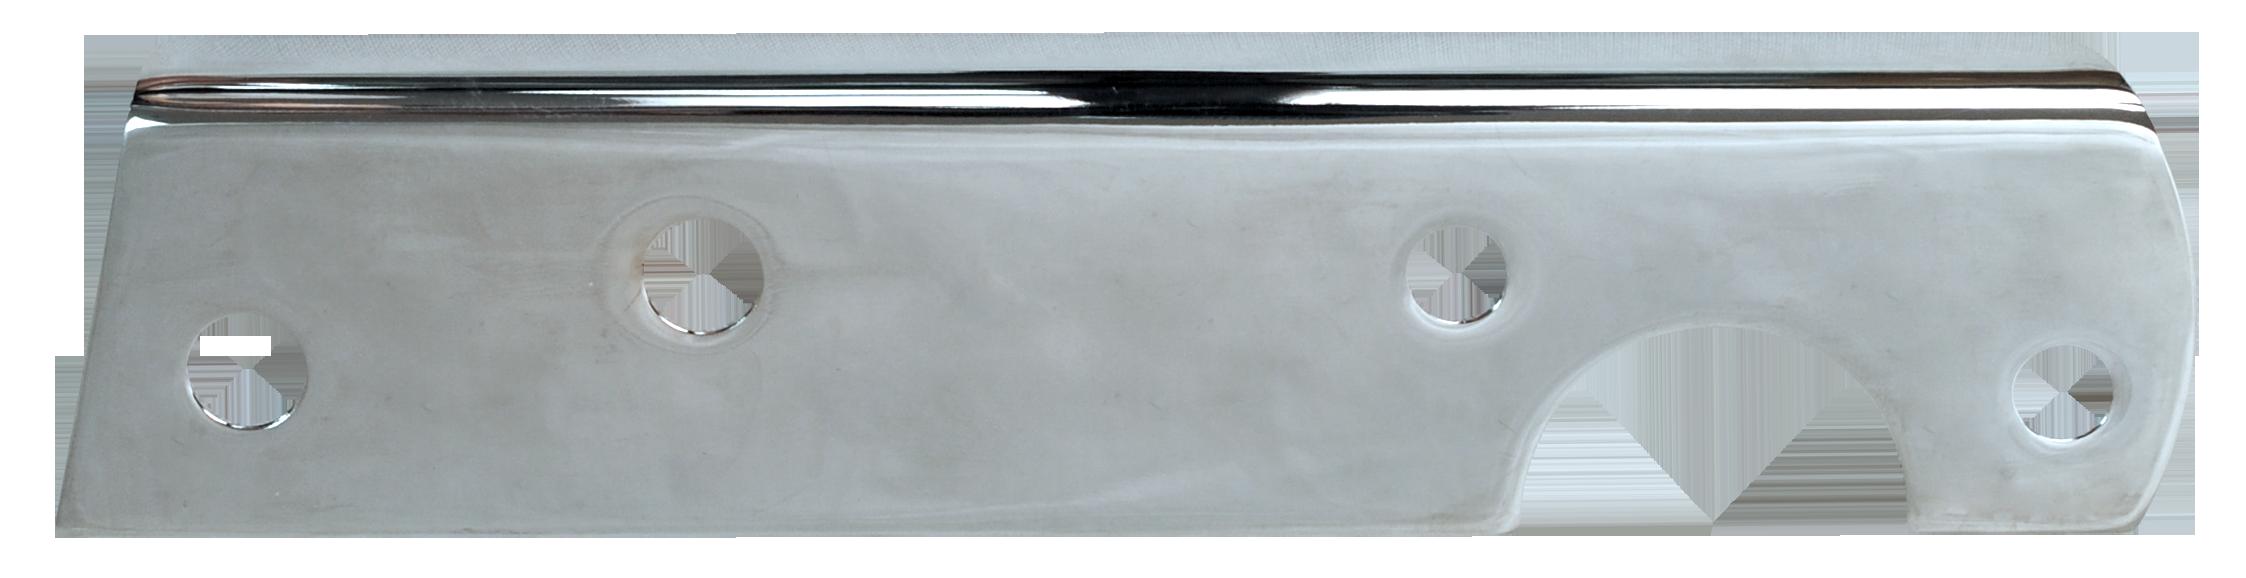 1954-55 C10 tail light bracket in chrome rt